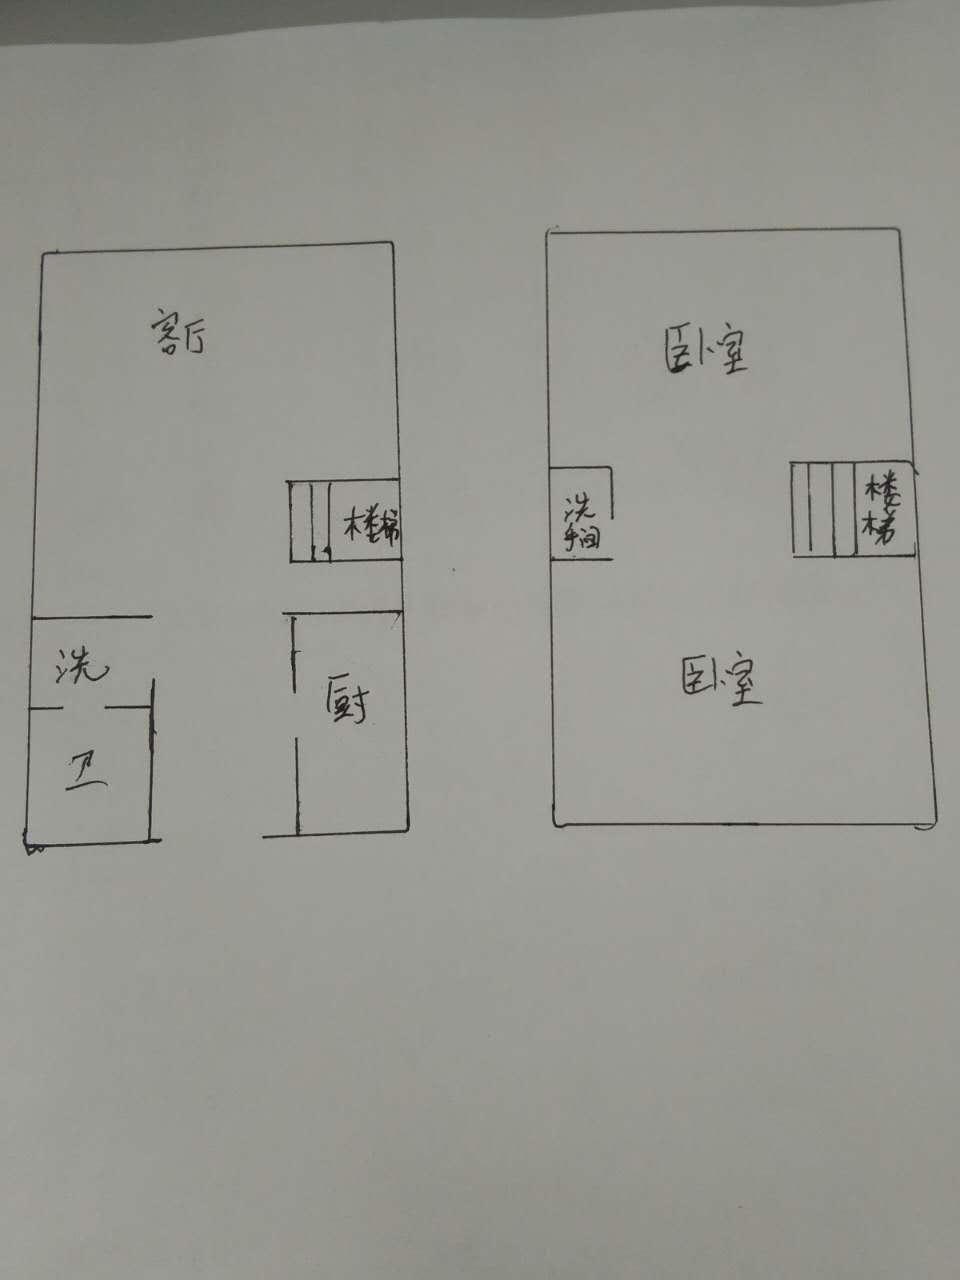 未来城 2室2厅 4楼